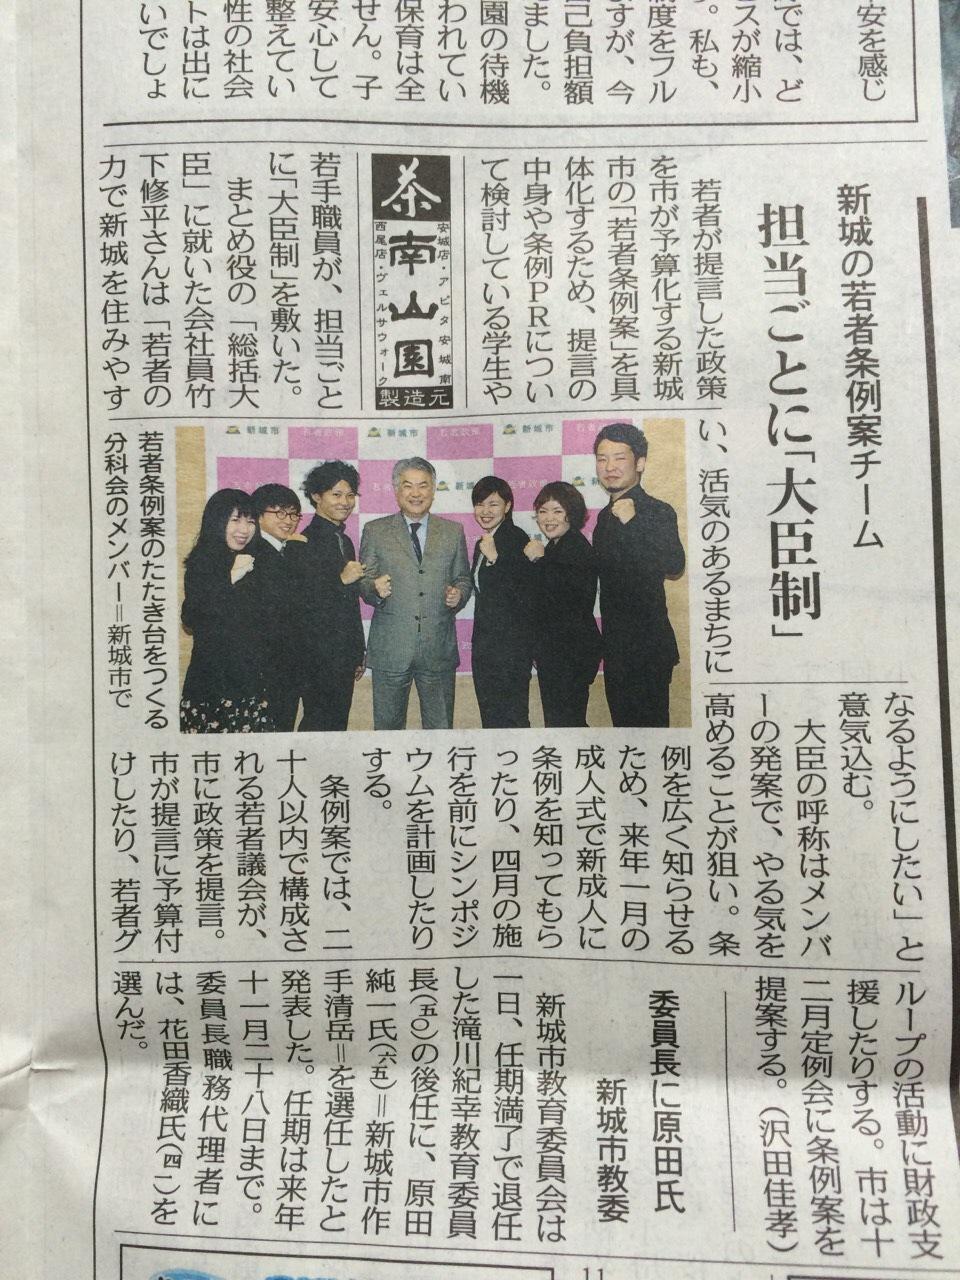 【愛知県新城市】若者ワーキングの大臣制が新聞で取り上げられているよ! (1)